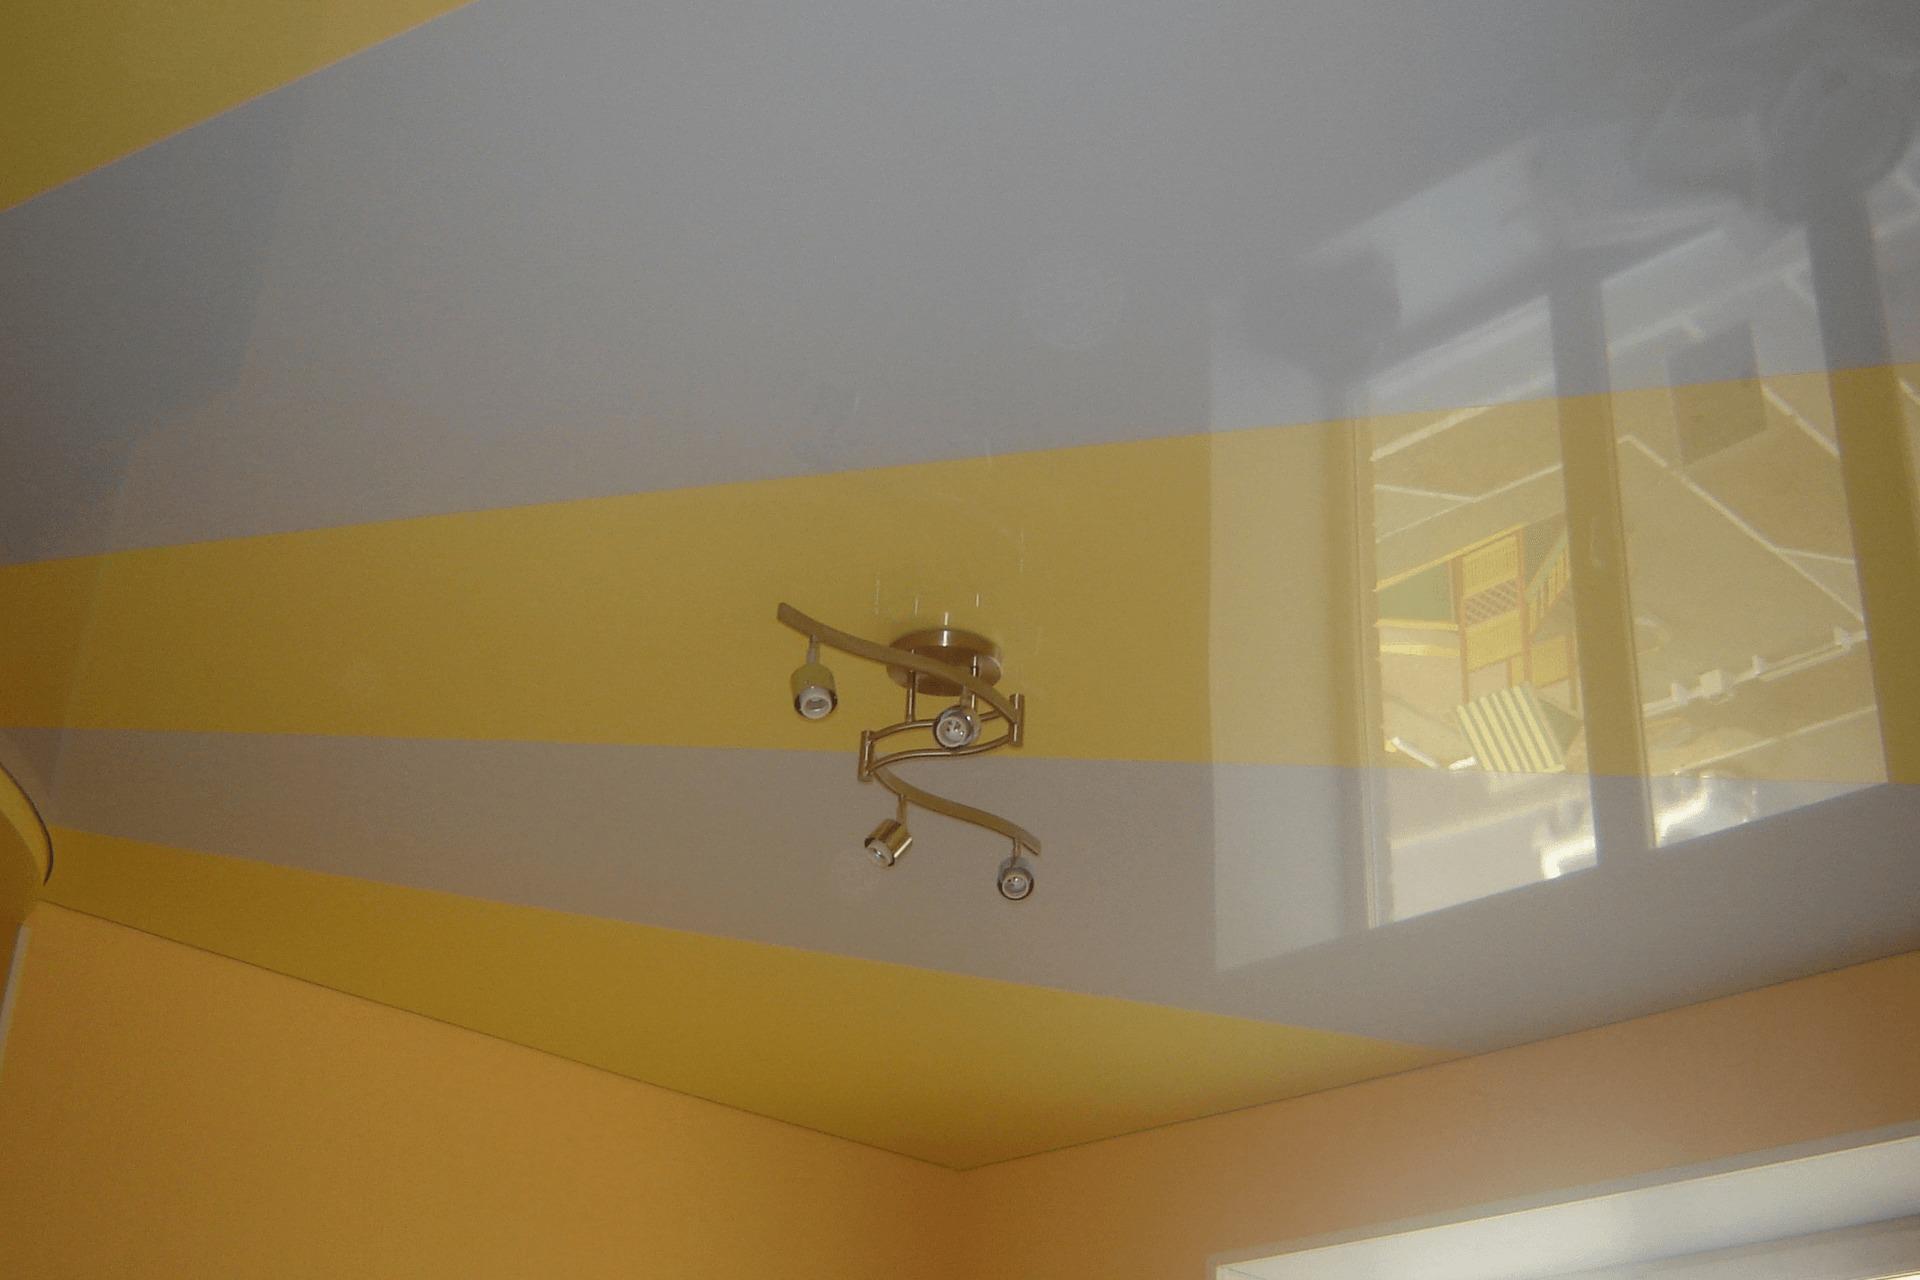 Спайка полотен в виде солнца на потолке в квартире